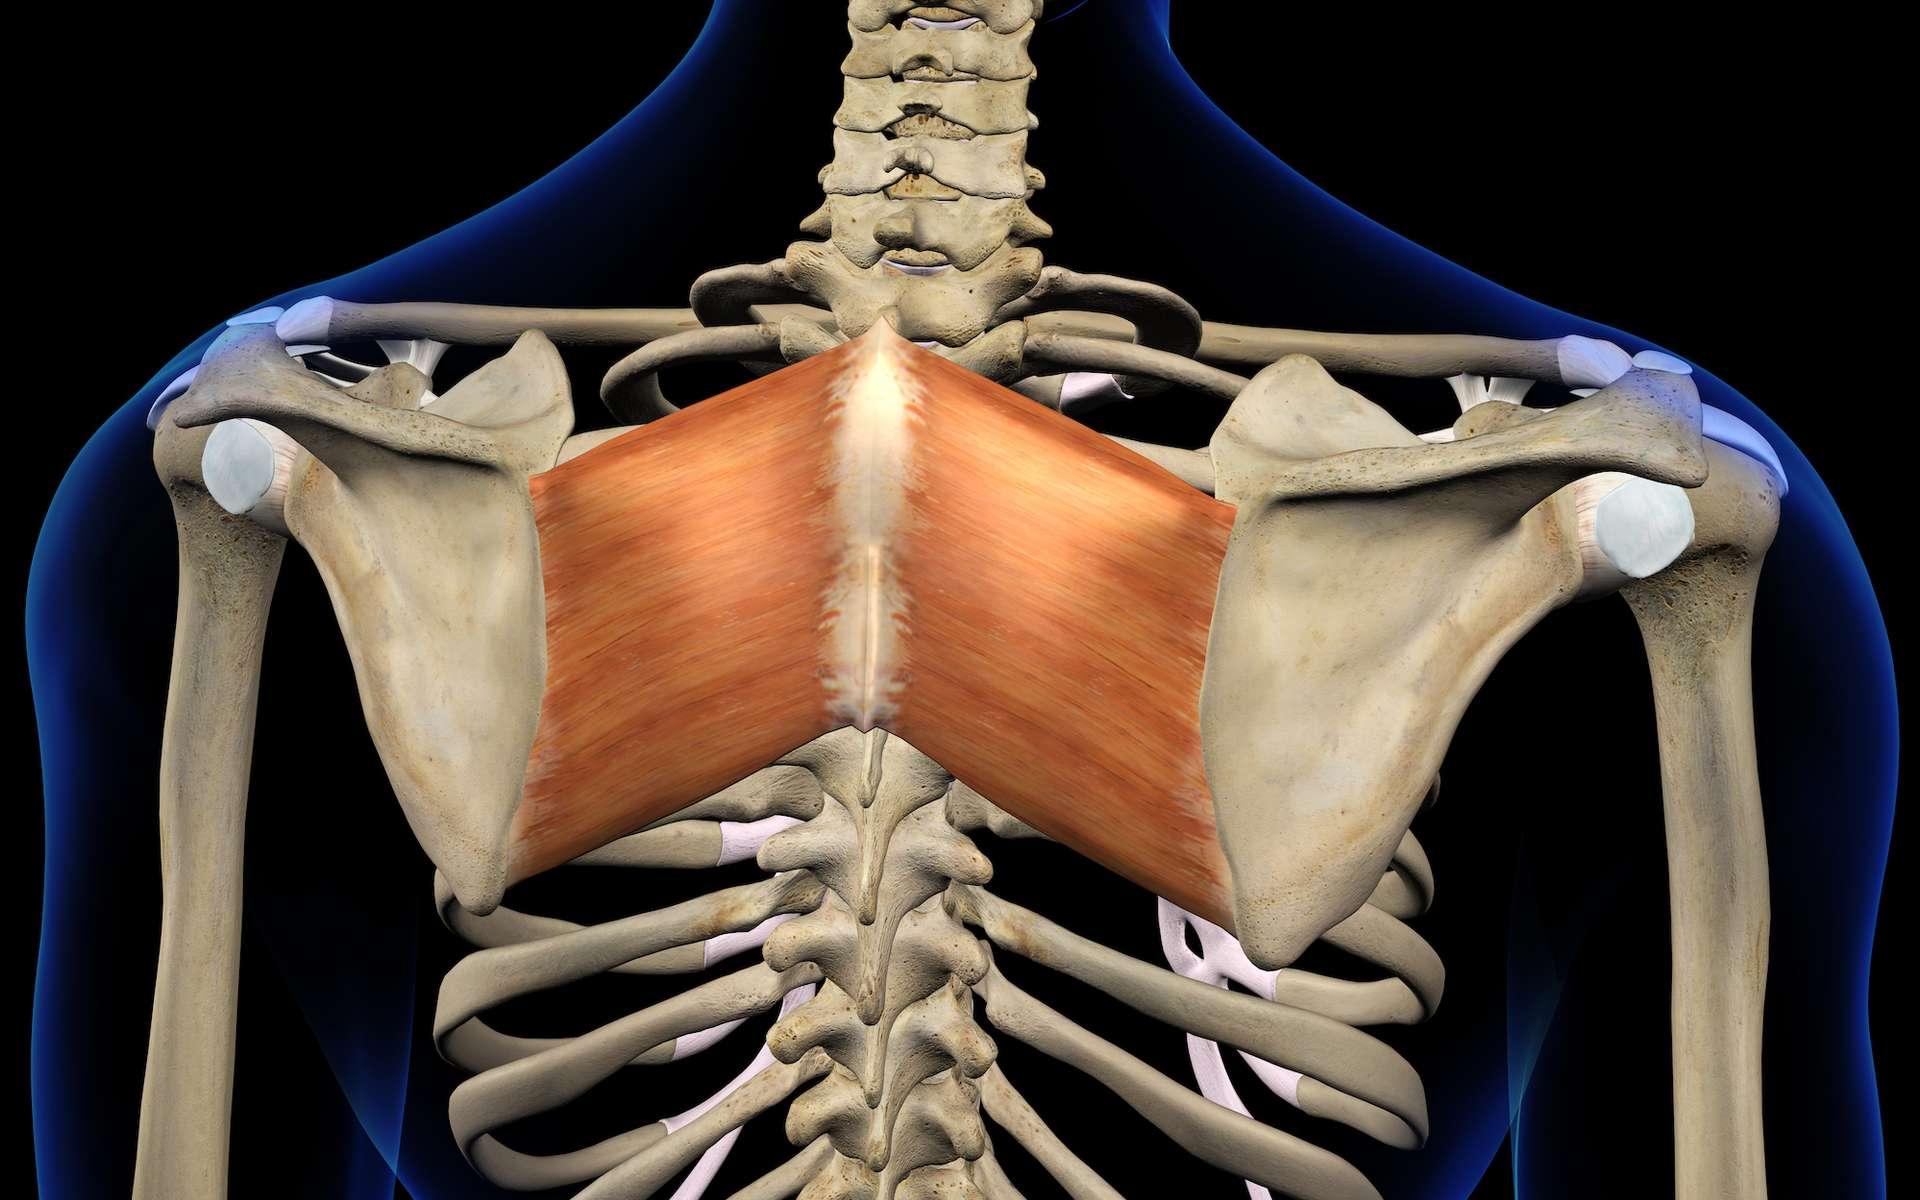 Le rhomboïde est un muscle du dos qui sert à stabiliser les mouvements de l'épaule. © HANK GREBE, Adobe Stock